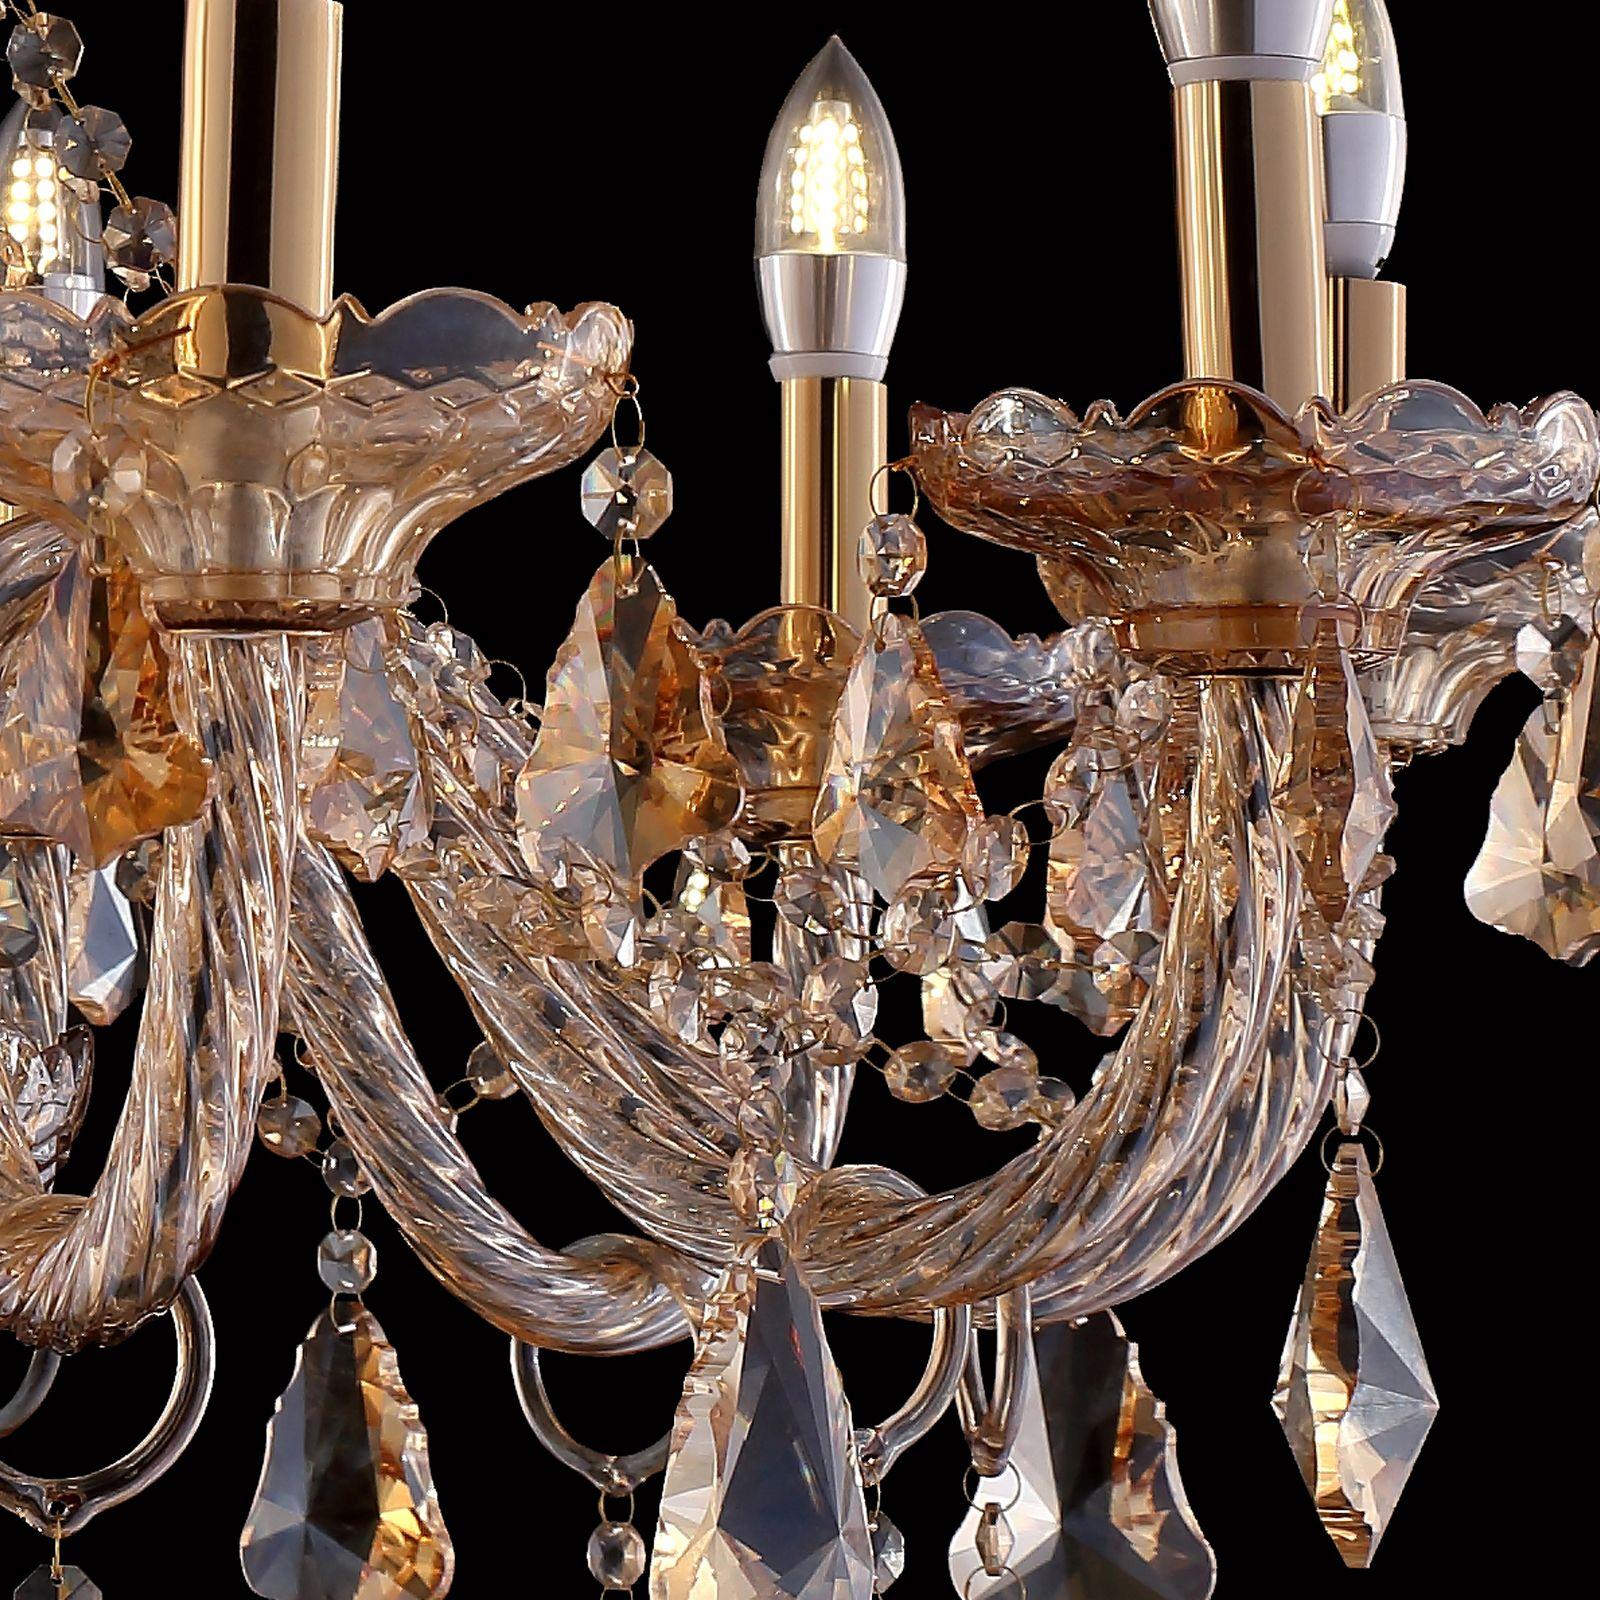 Kristall Kronleuchter Beleuchtung Befestigungen Kristall Kronleuchter Leuchten Ein Gemutliches Zuhause Bringt Trost Und Kronleuchter Beleuchtung Kristalle